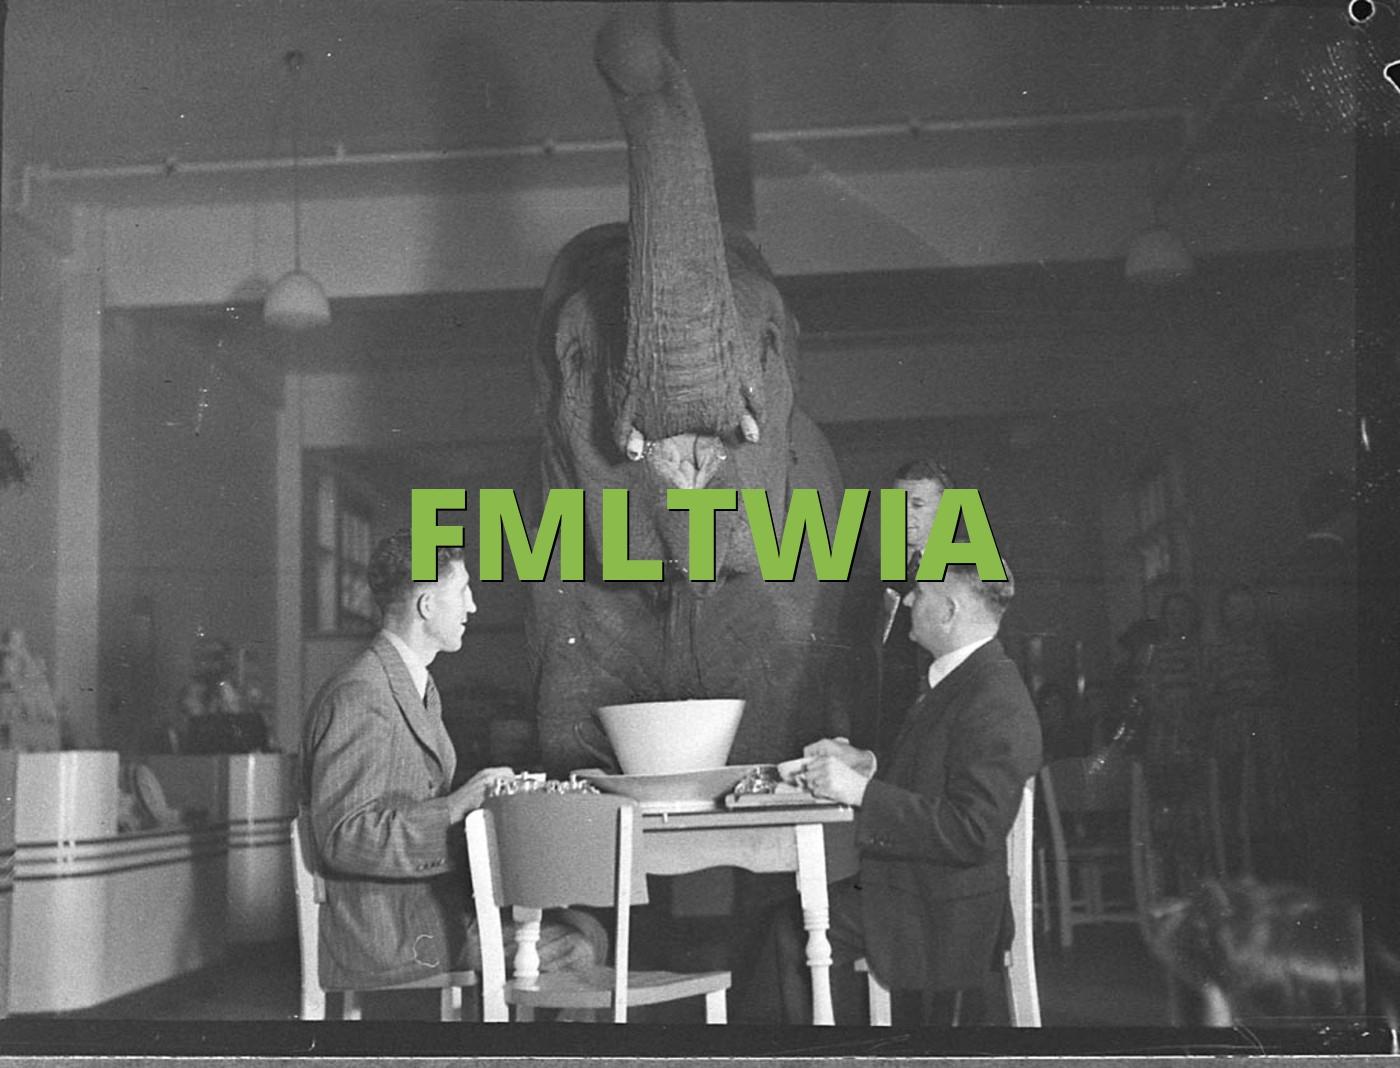 FMLTWIA